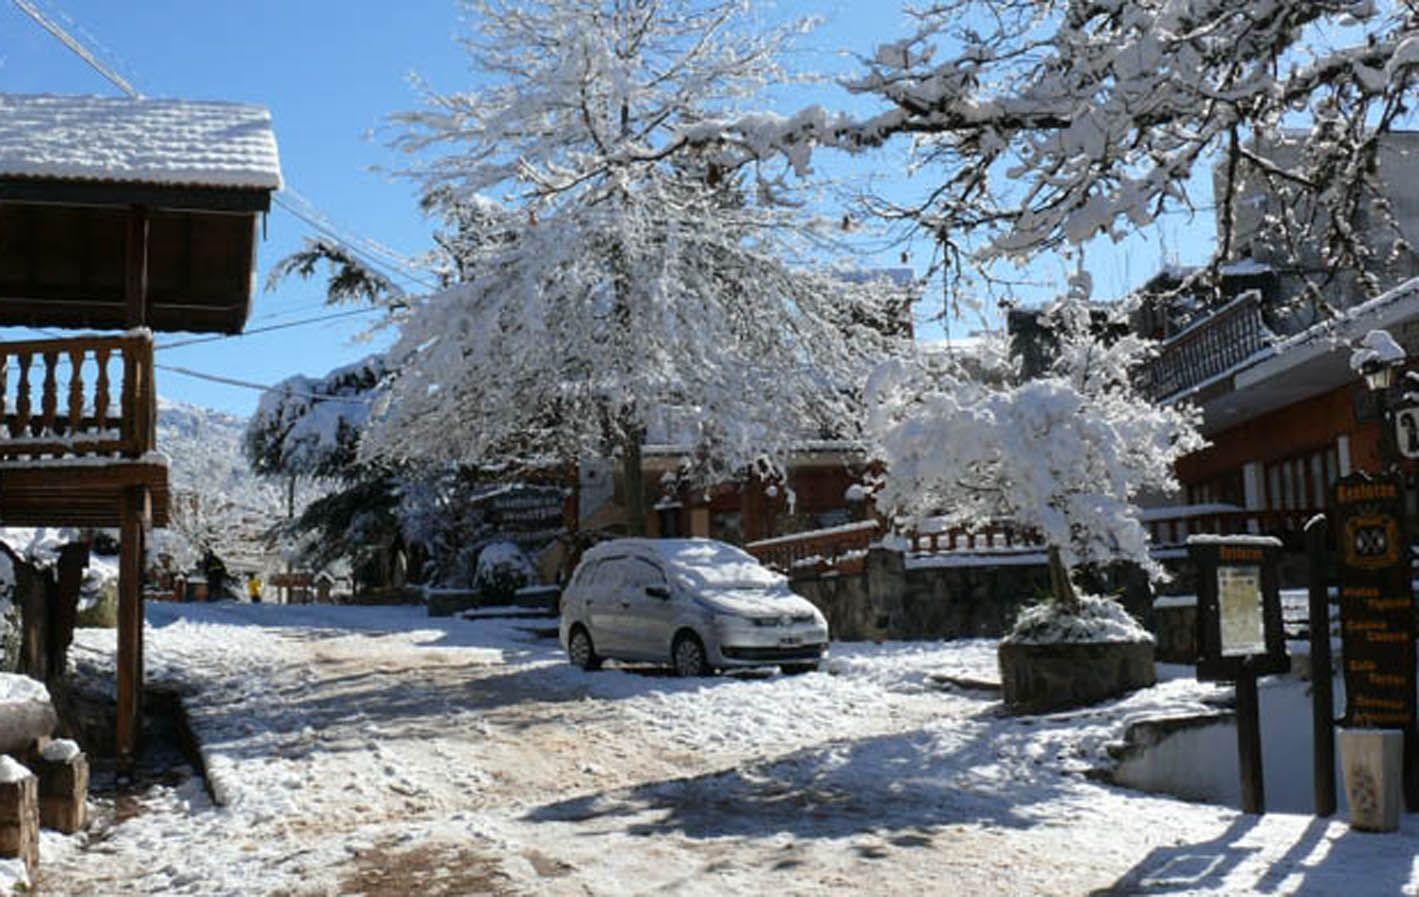 Una postal. La Cumbrecita (valle de Calamuchita) amaneció ayer bajo un manto de nieve.